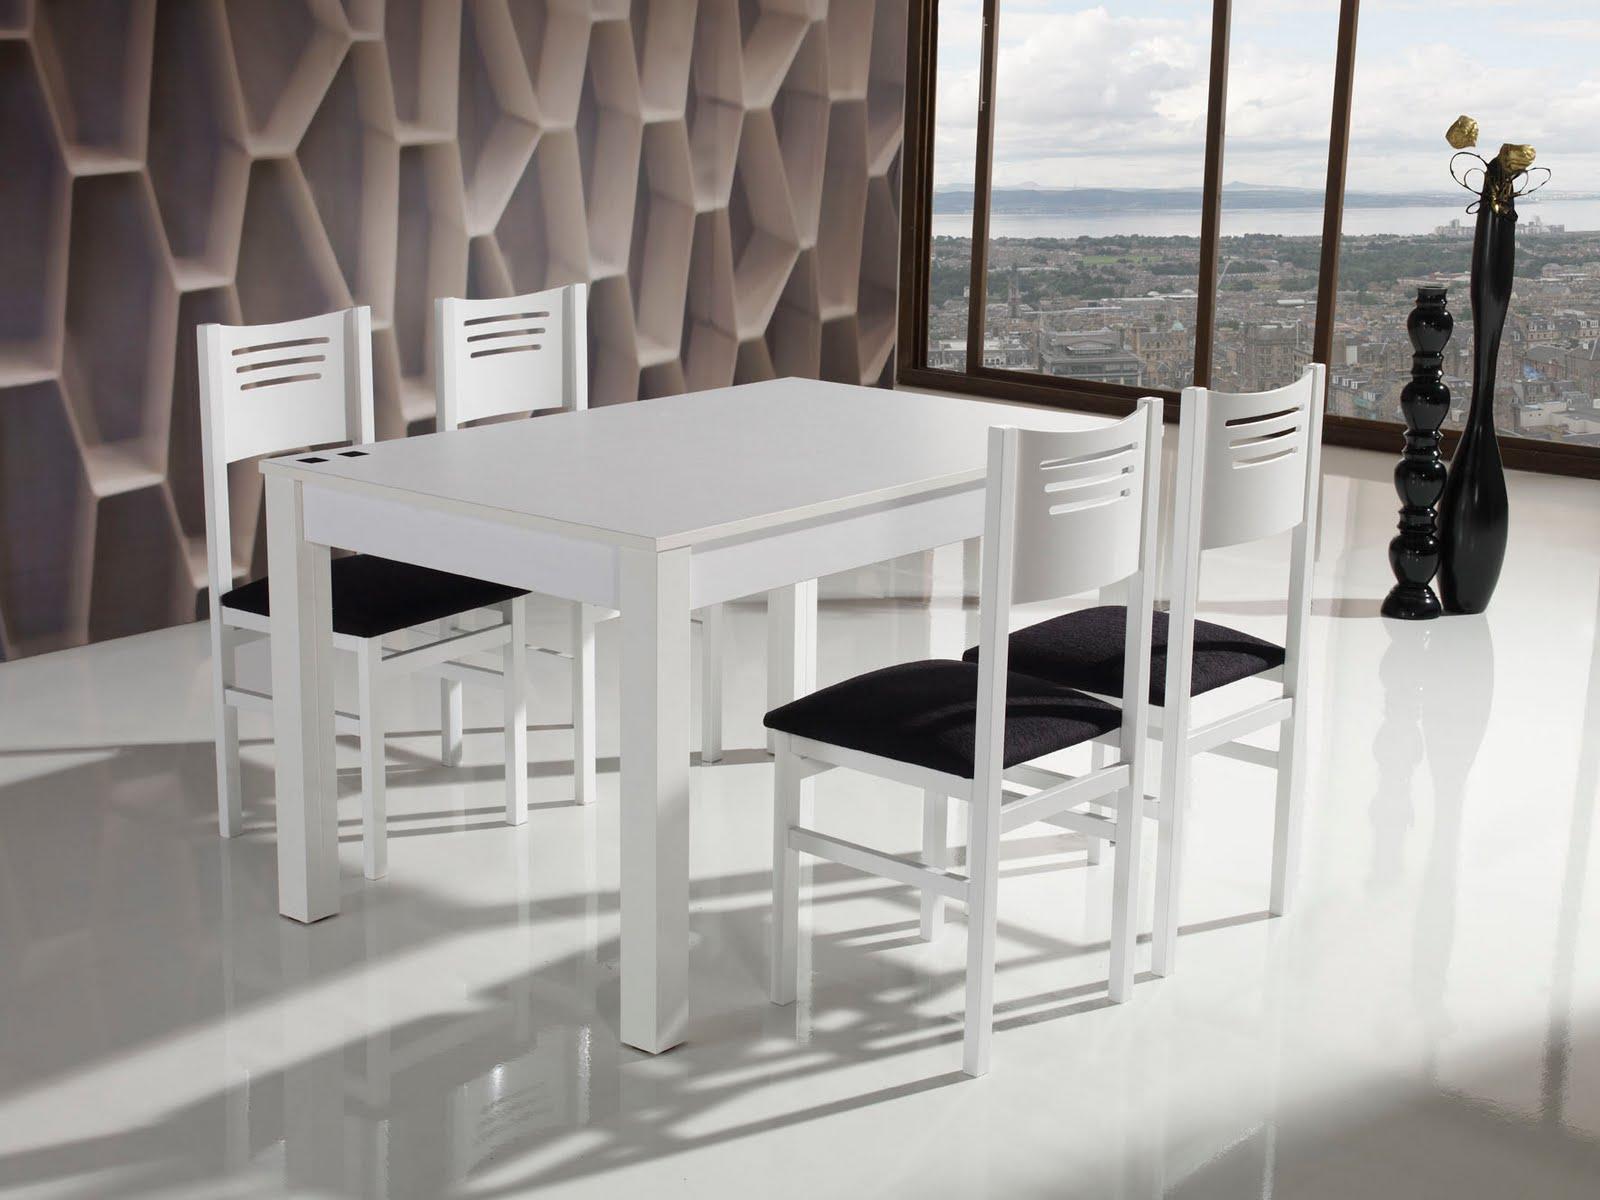 Muebles de ba o lucena - Fabricas de sillas en lucena ...